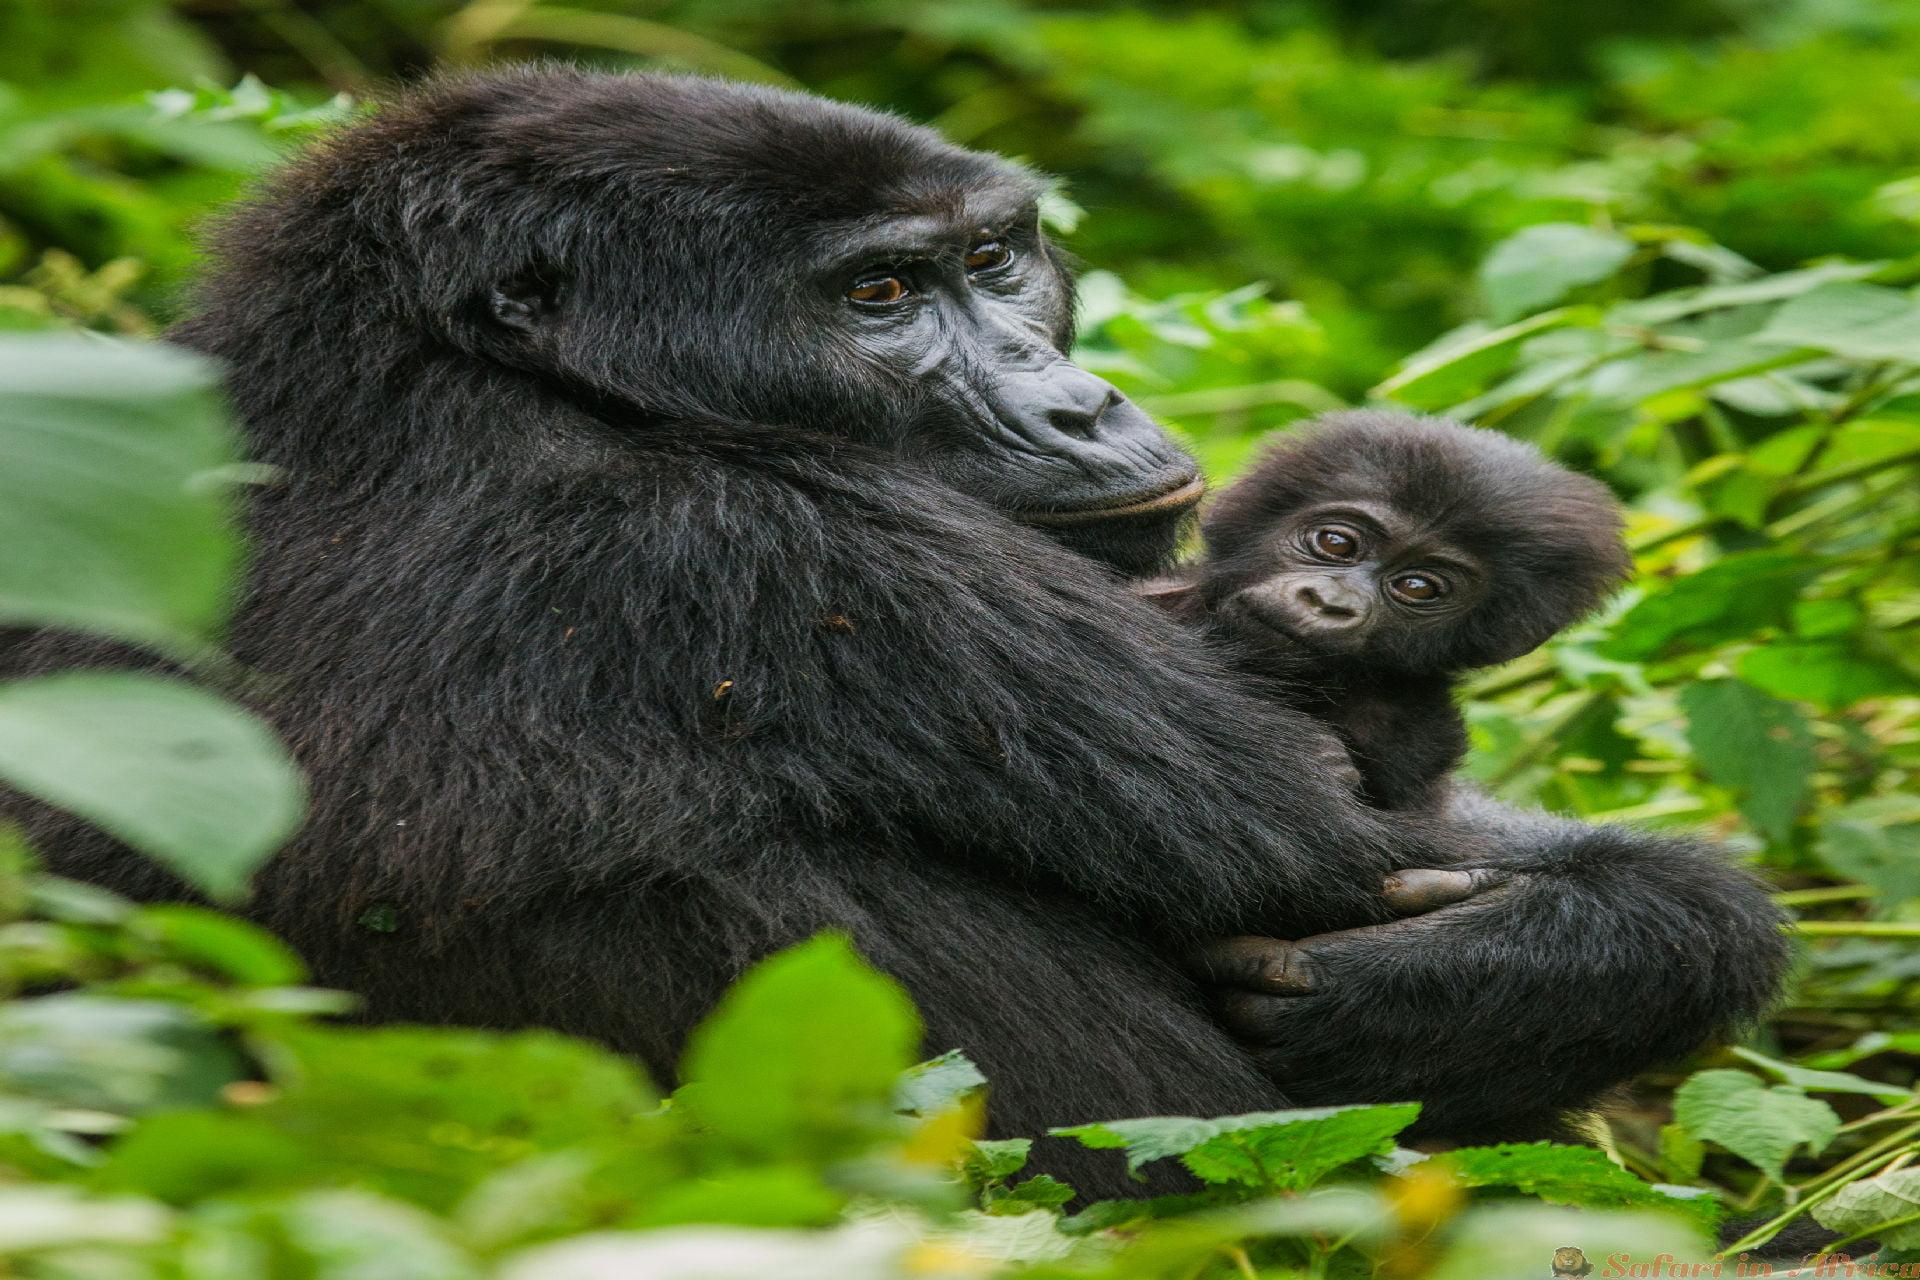 Een vrouwelijke berggorilla met een baby. Oeganda. Bwindi Impenetrable Forest National Park